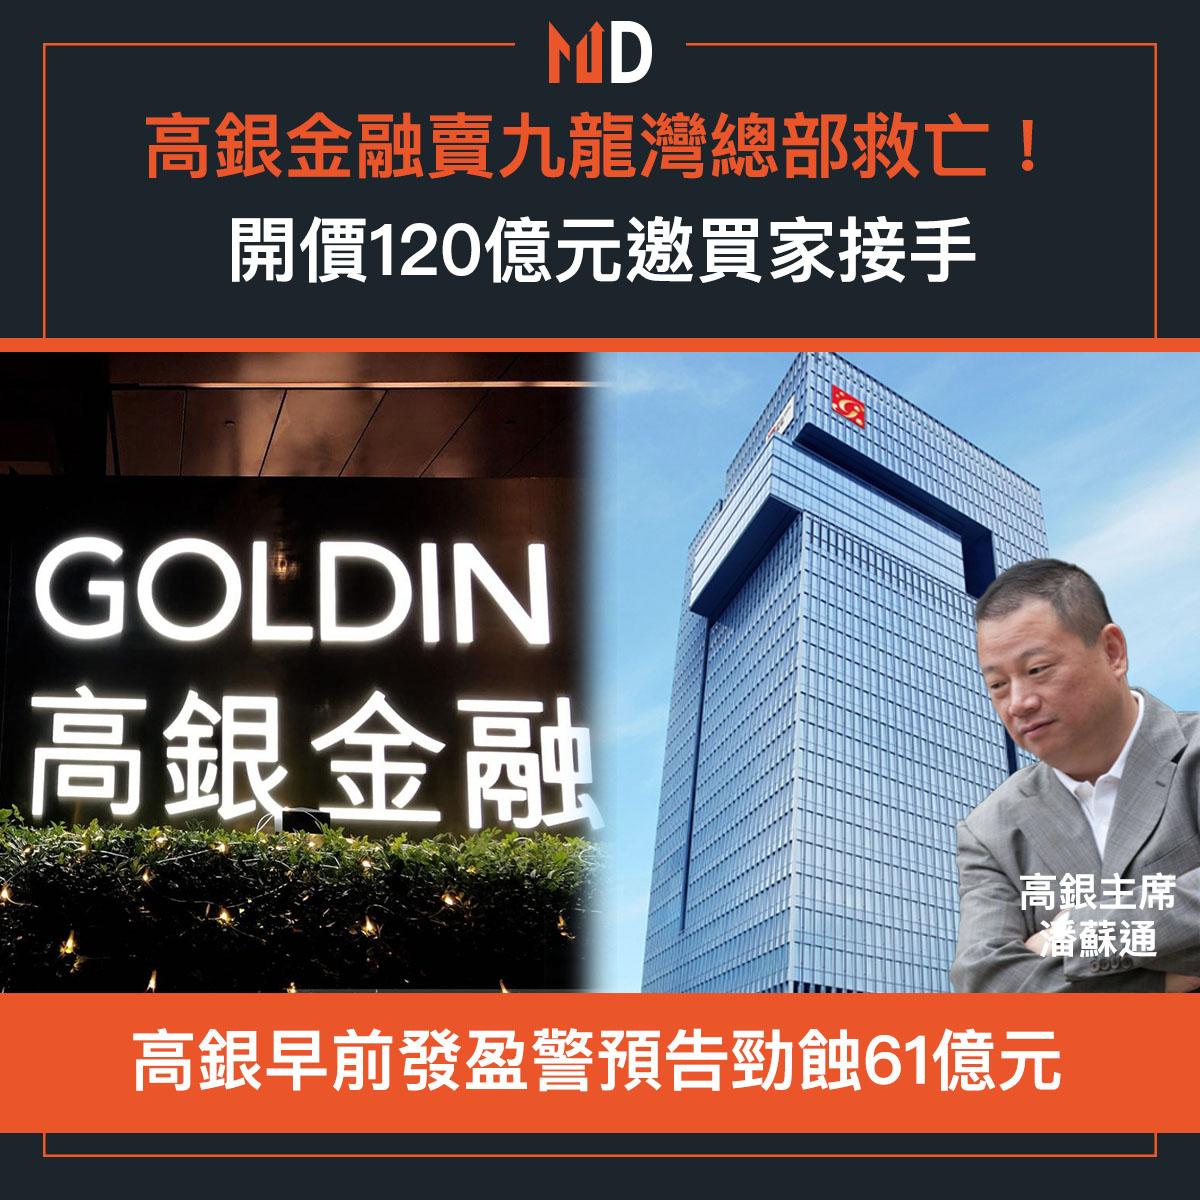 【市場熱話】高銀賣九龍灣總部救亡!開價120億元邀買家接手